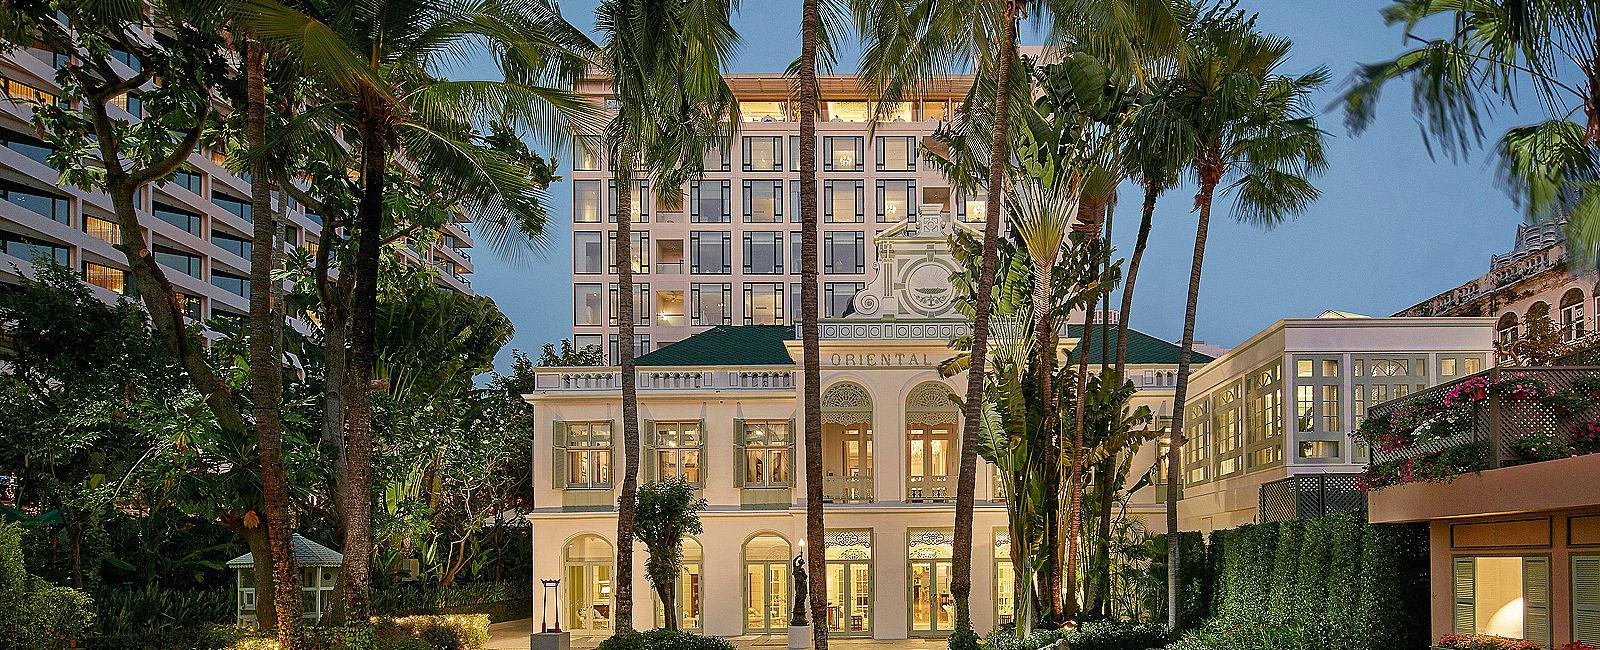 Award 2020 Detail Luxusurlaub Exklusiv Urlaub Luxus Resort Luxus Ferien Reisen Und Luxus Connoisseur Circle